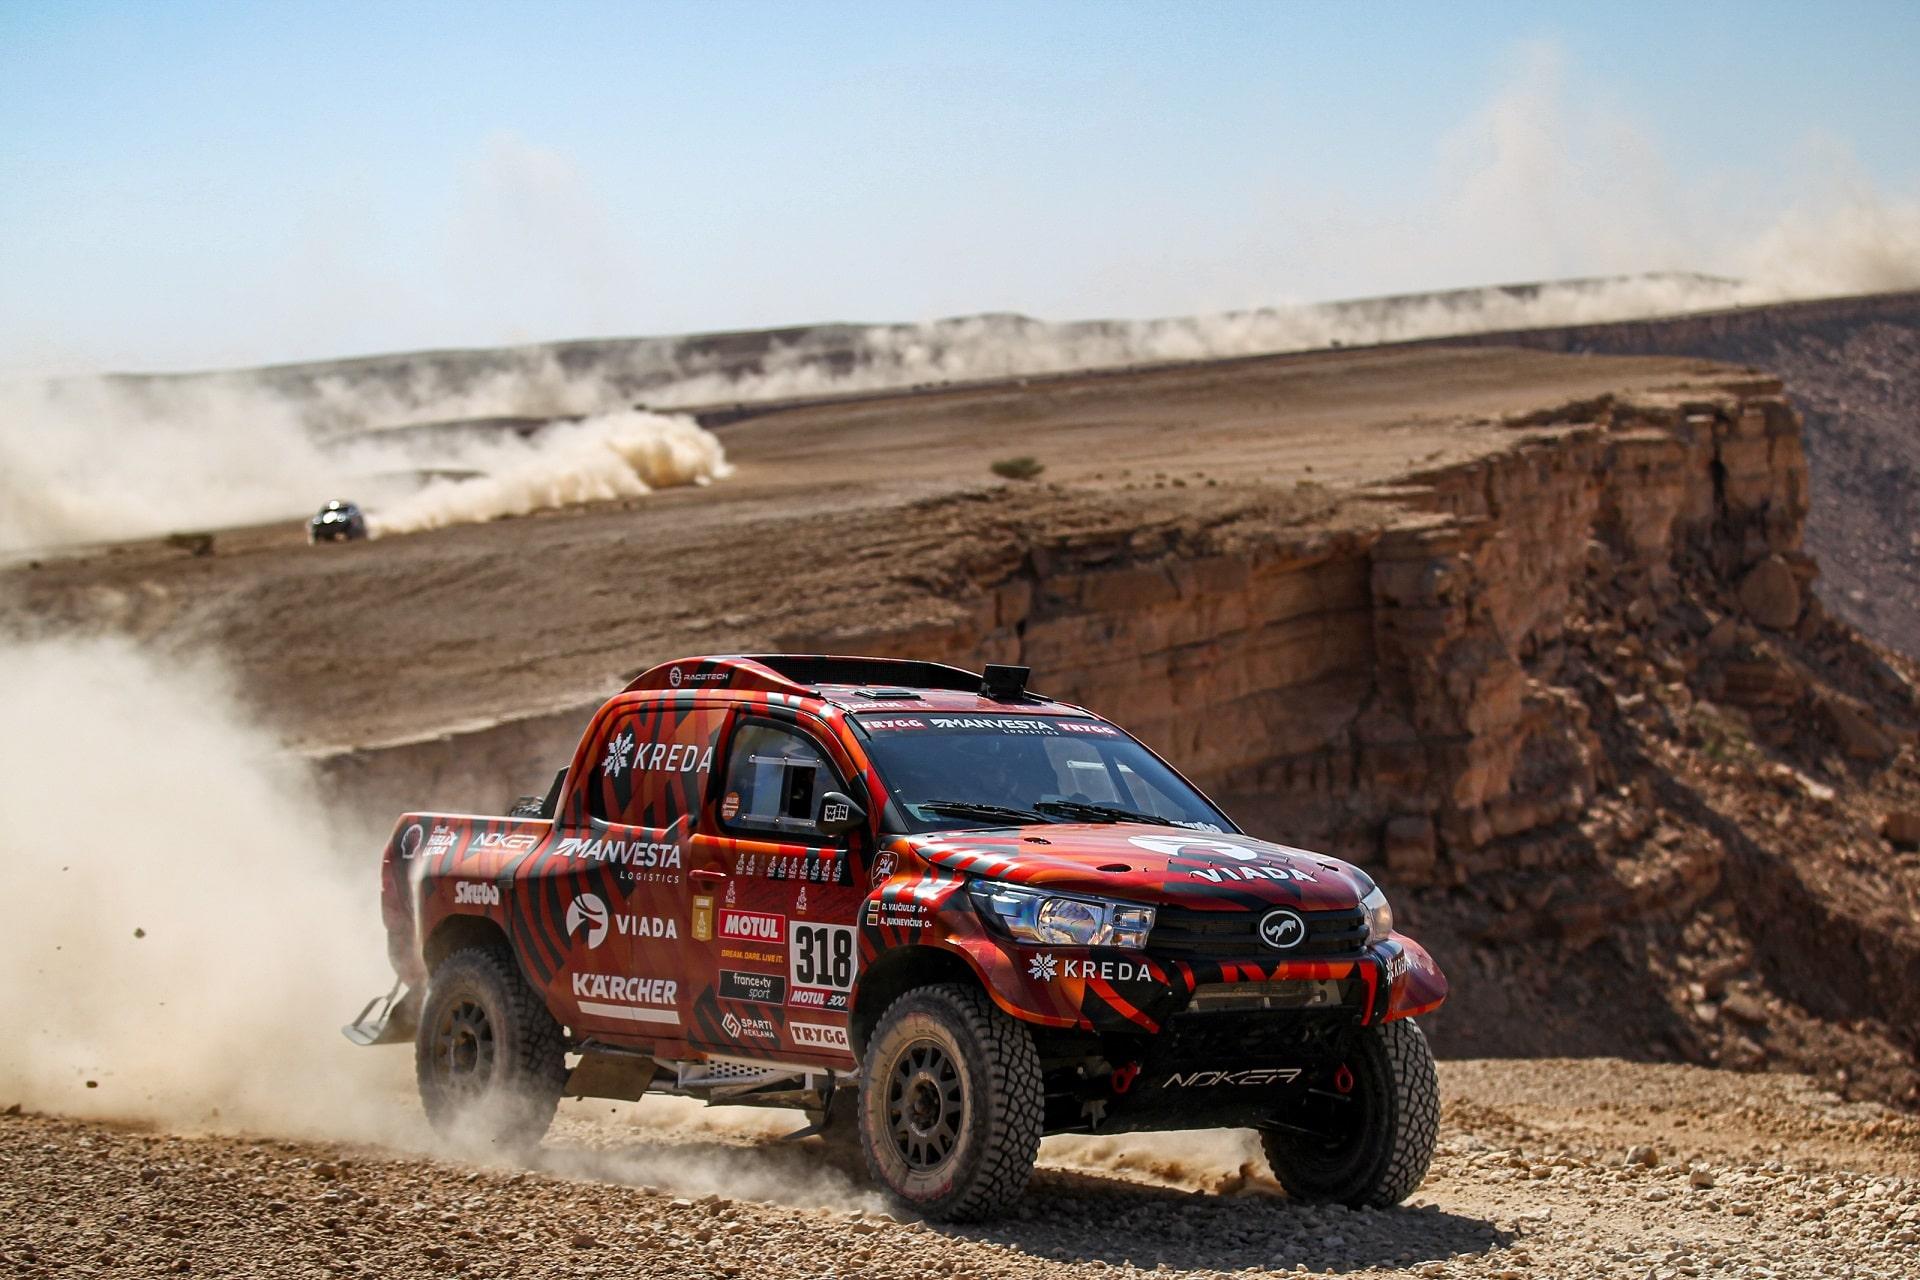 Sėkmingas pasirodymas Dakare: ko trūksta lietuviams?